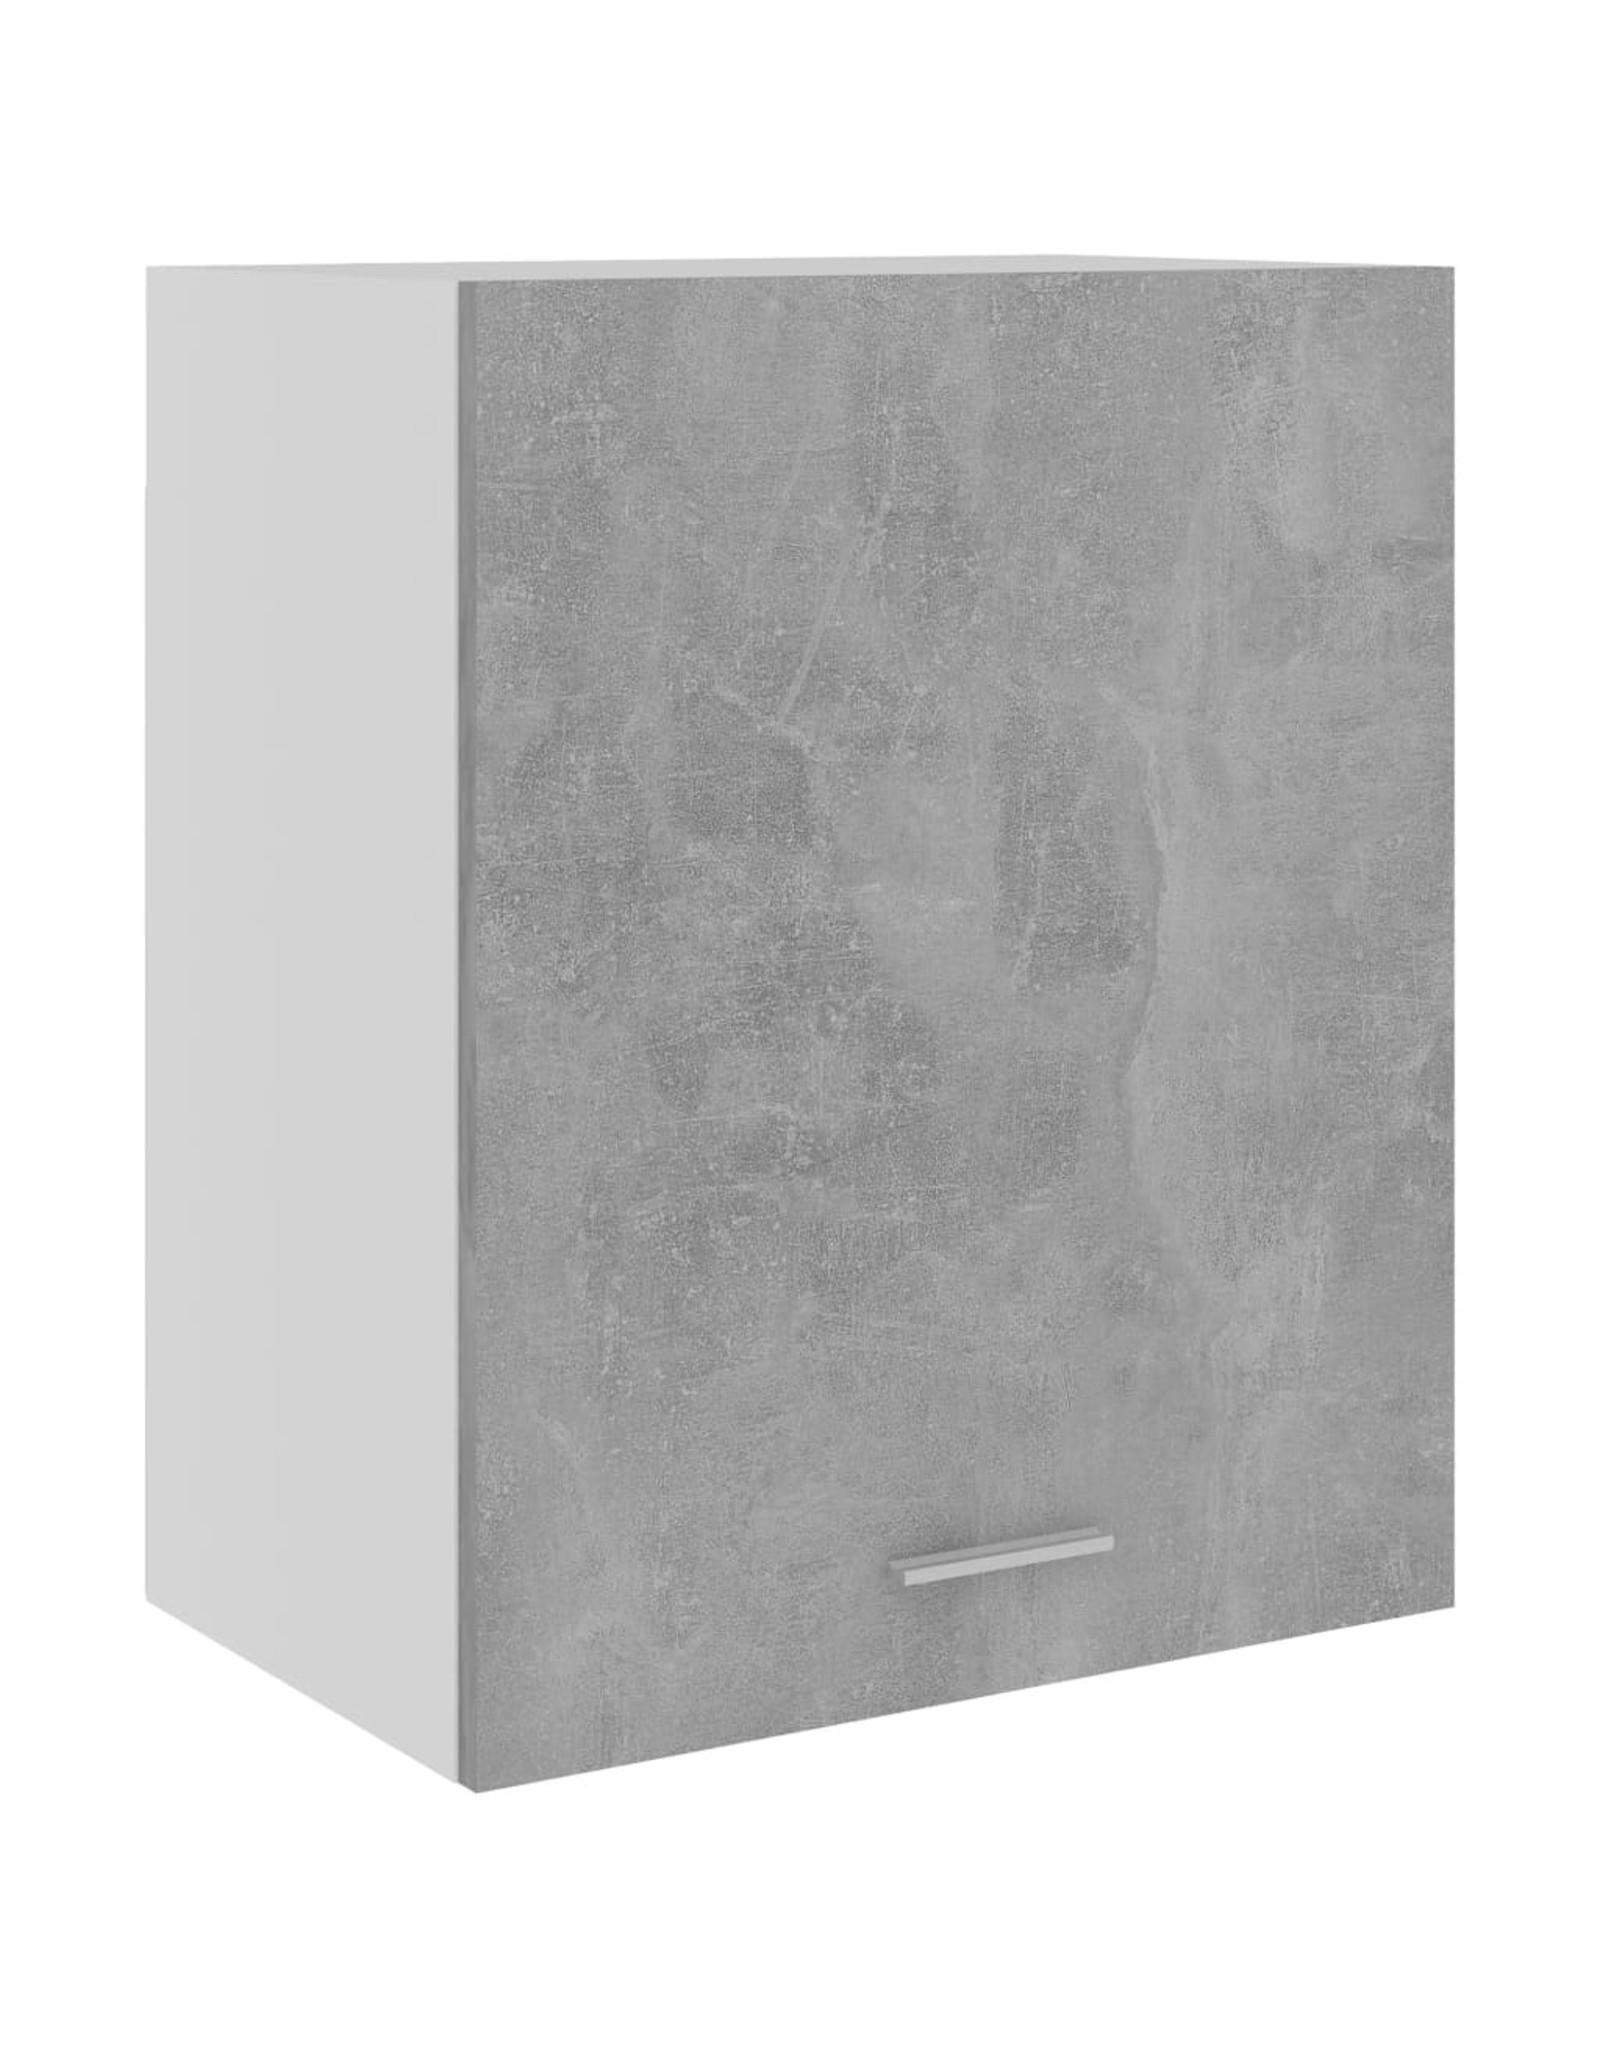 Hangkast 50x31x60 cm spaanplaat betongrijs